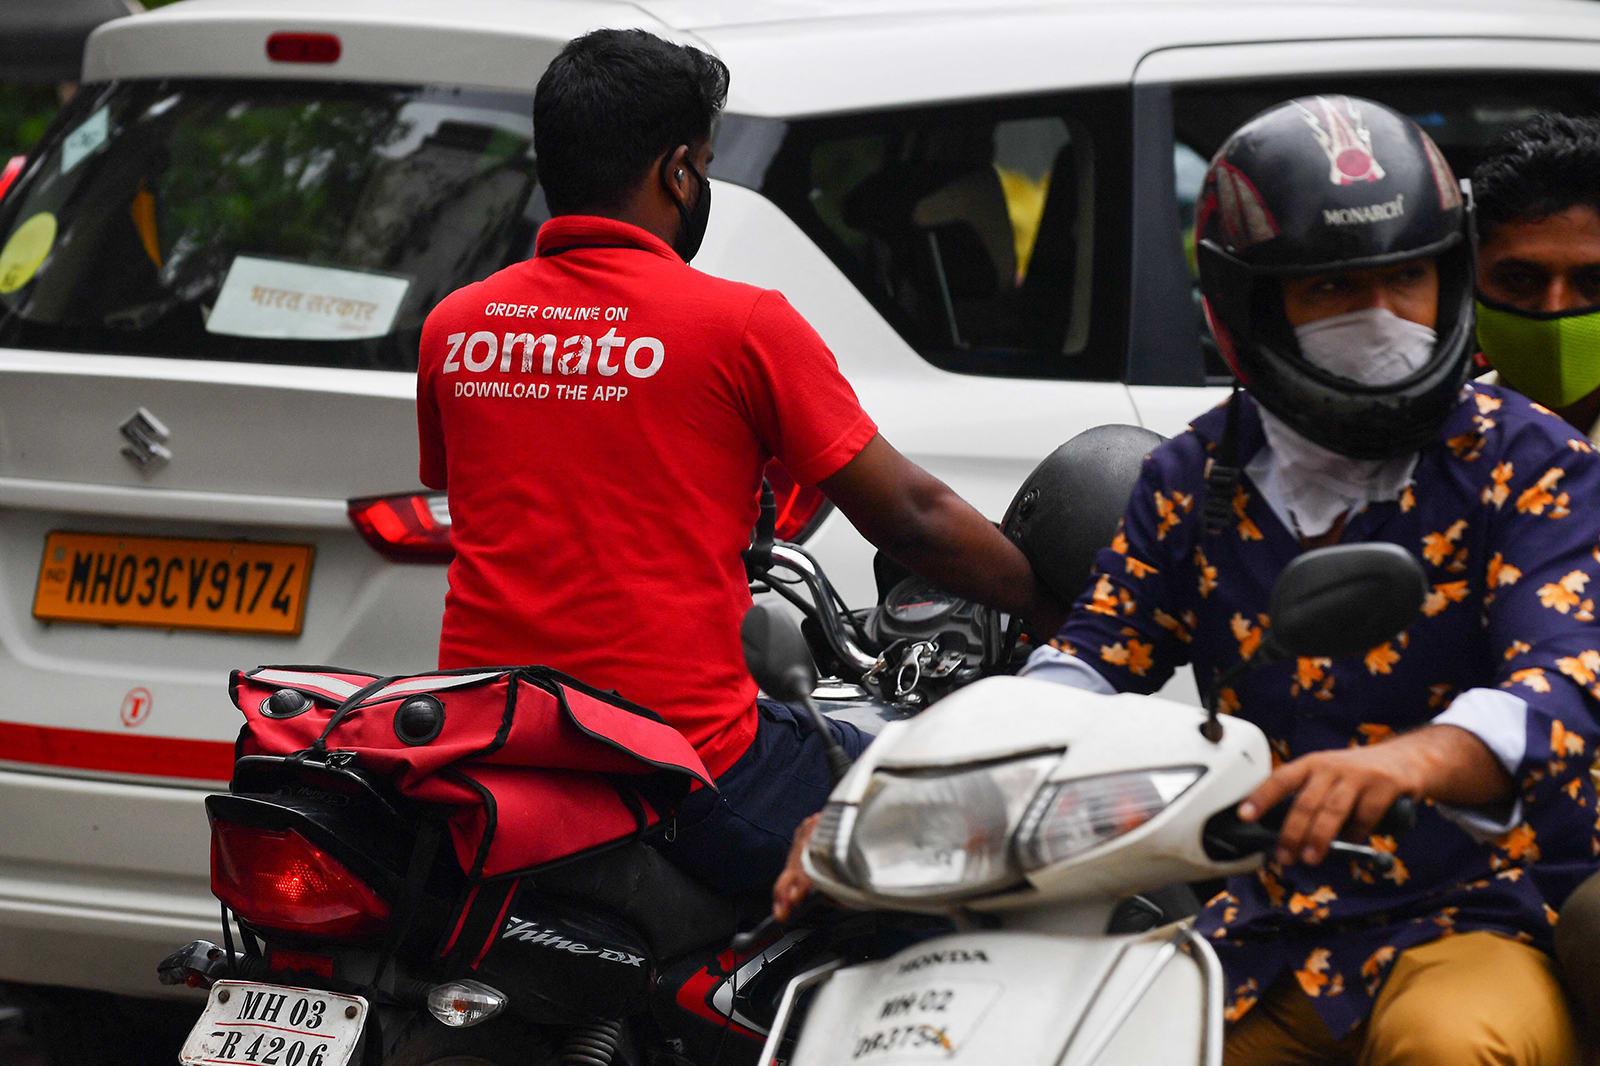 زوماتو تتطلع جمع 1.3 مليار دولار في أكبر طرح عام أولي بالهند هذا العام